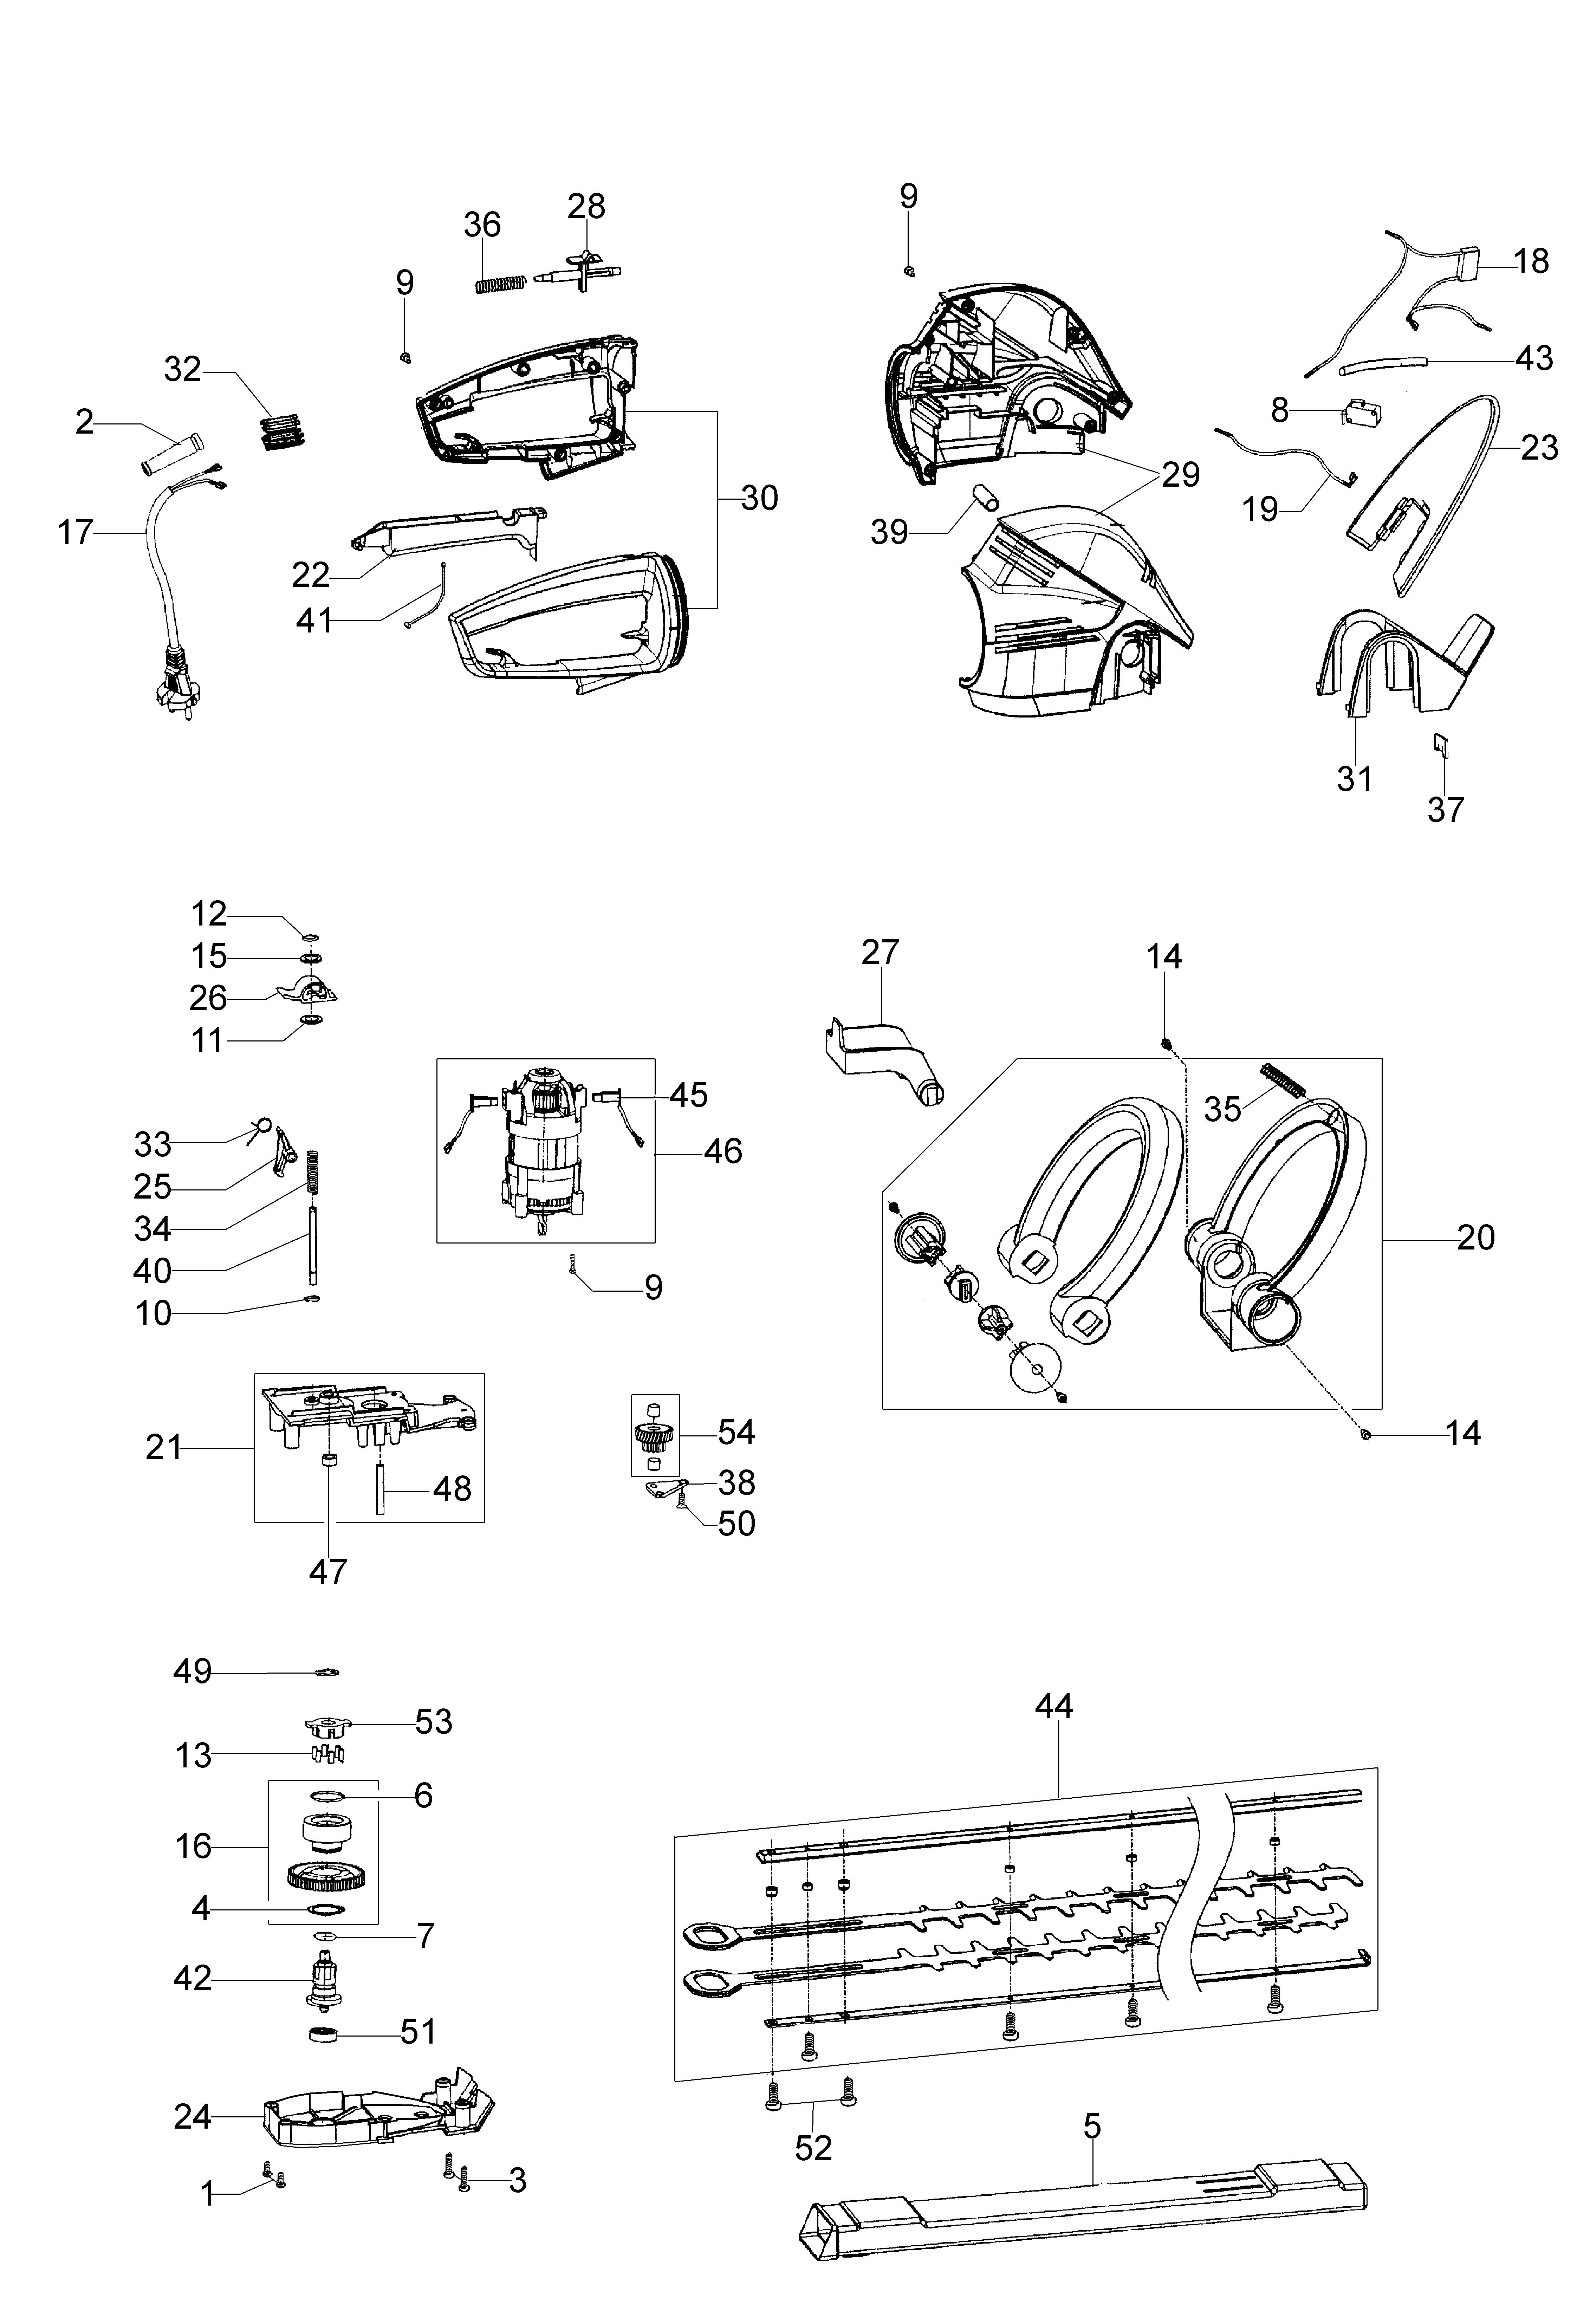 HC 750 E Taille-haies électrique OLEOMAC Dessins pièces - Vue éclatée